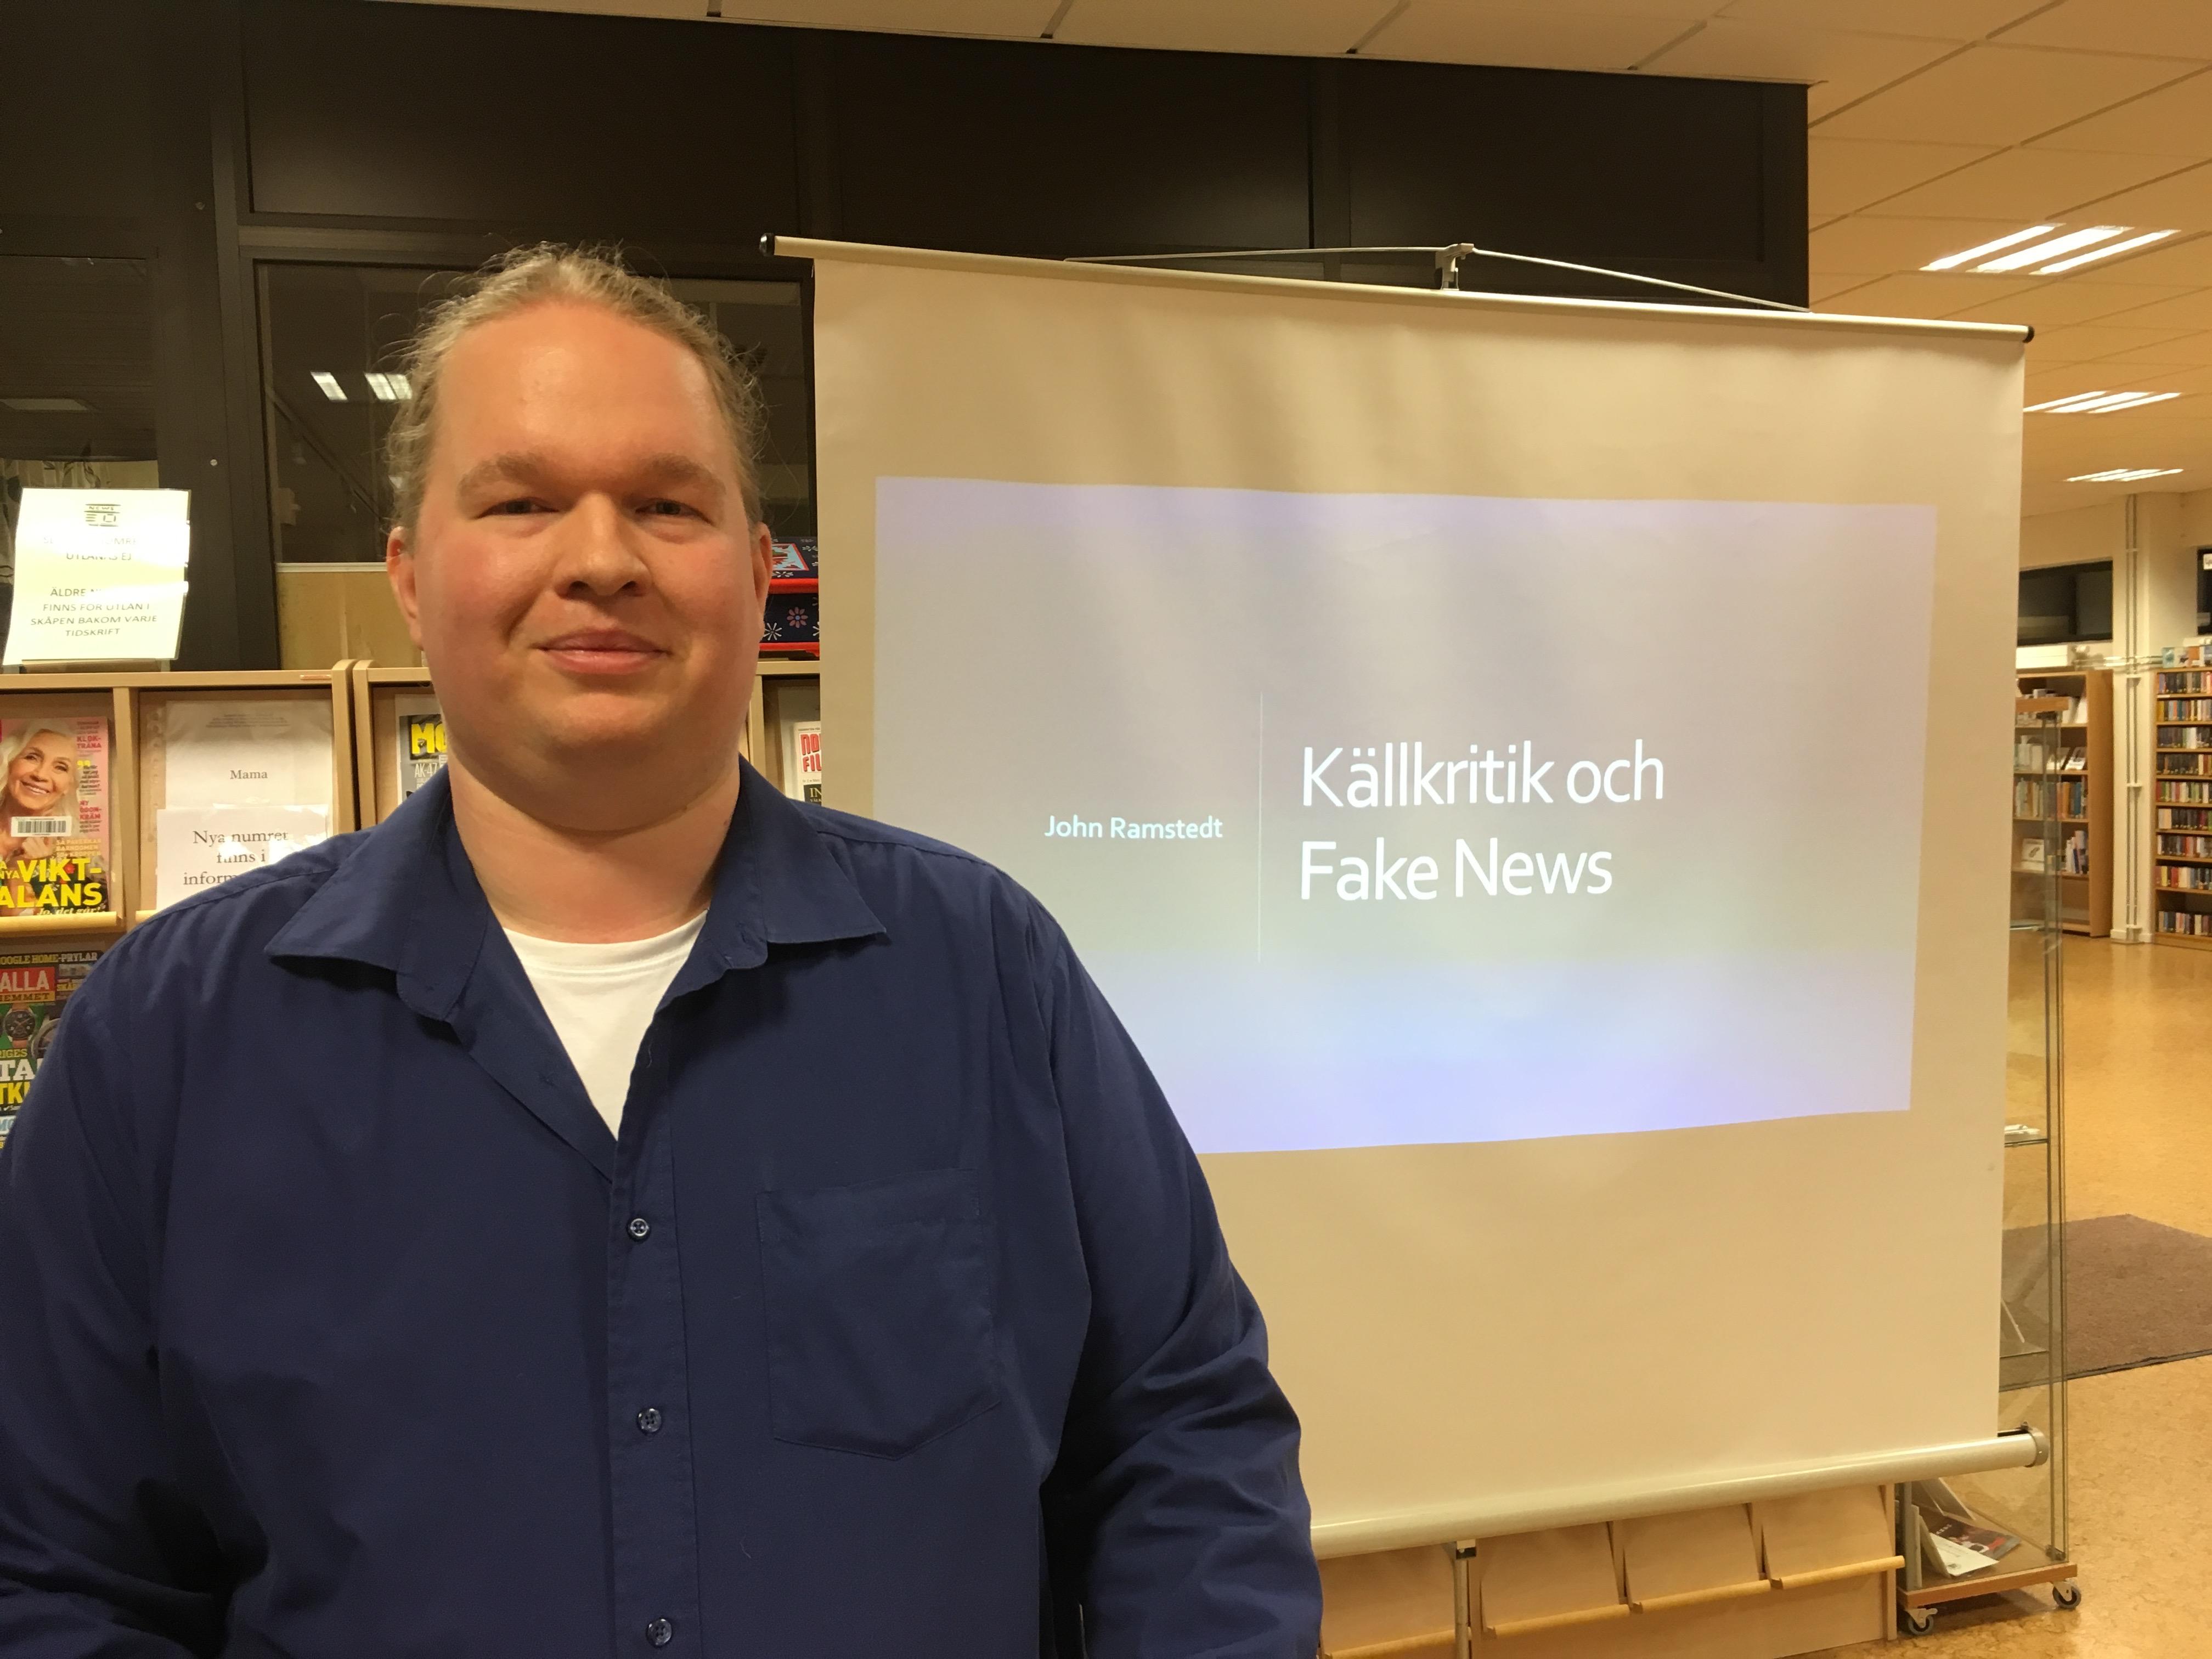 John Ramstedt ingenjör, apputvecklare och föreläsare